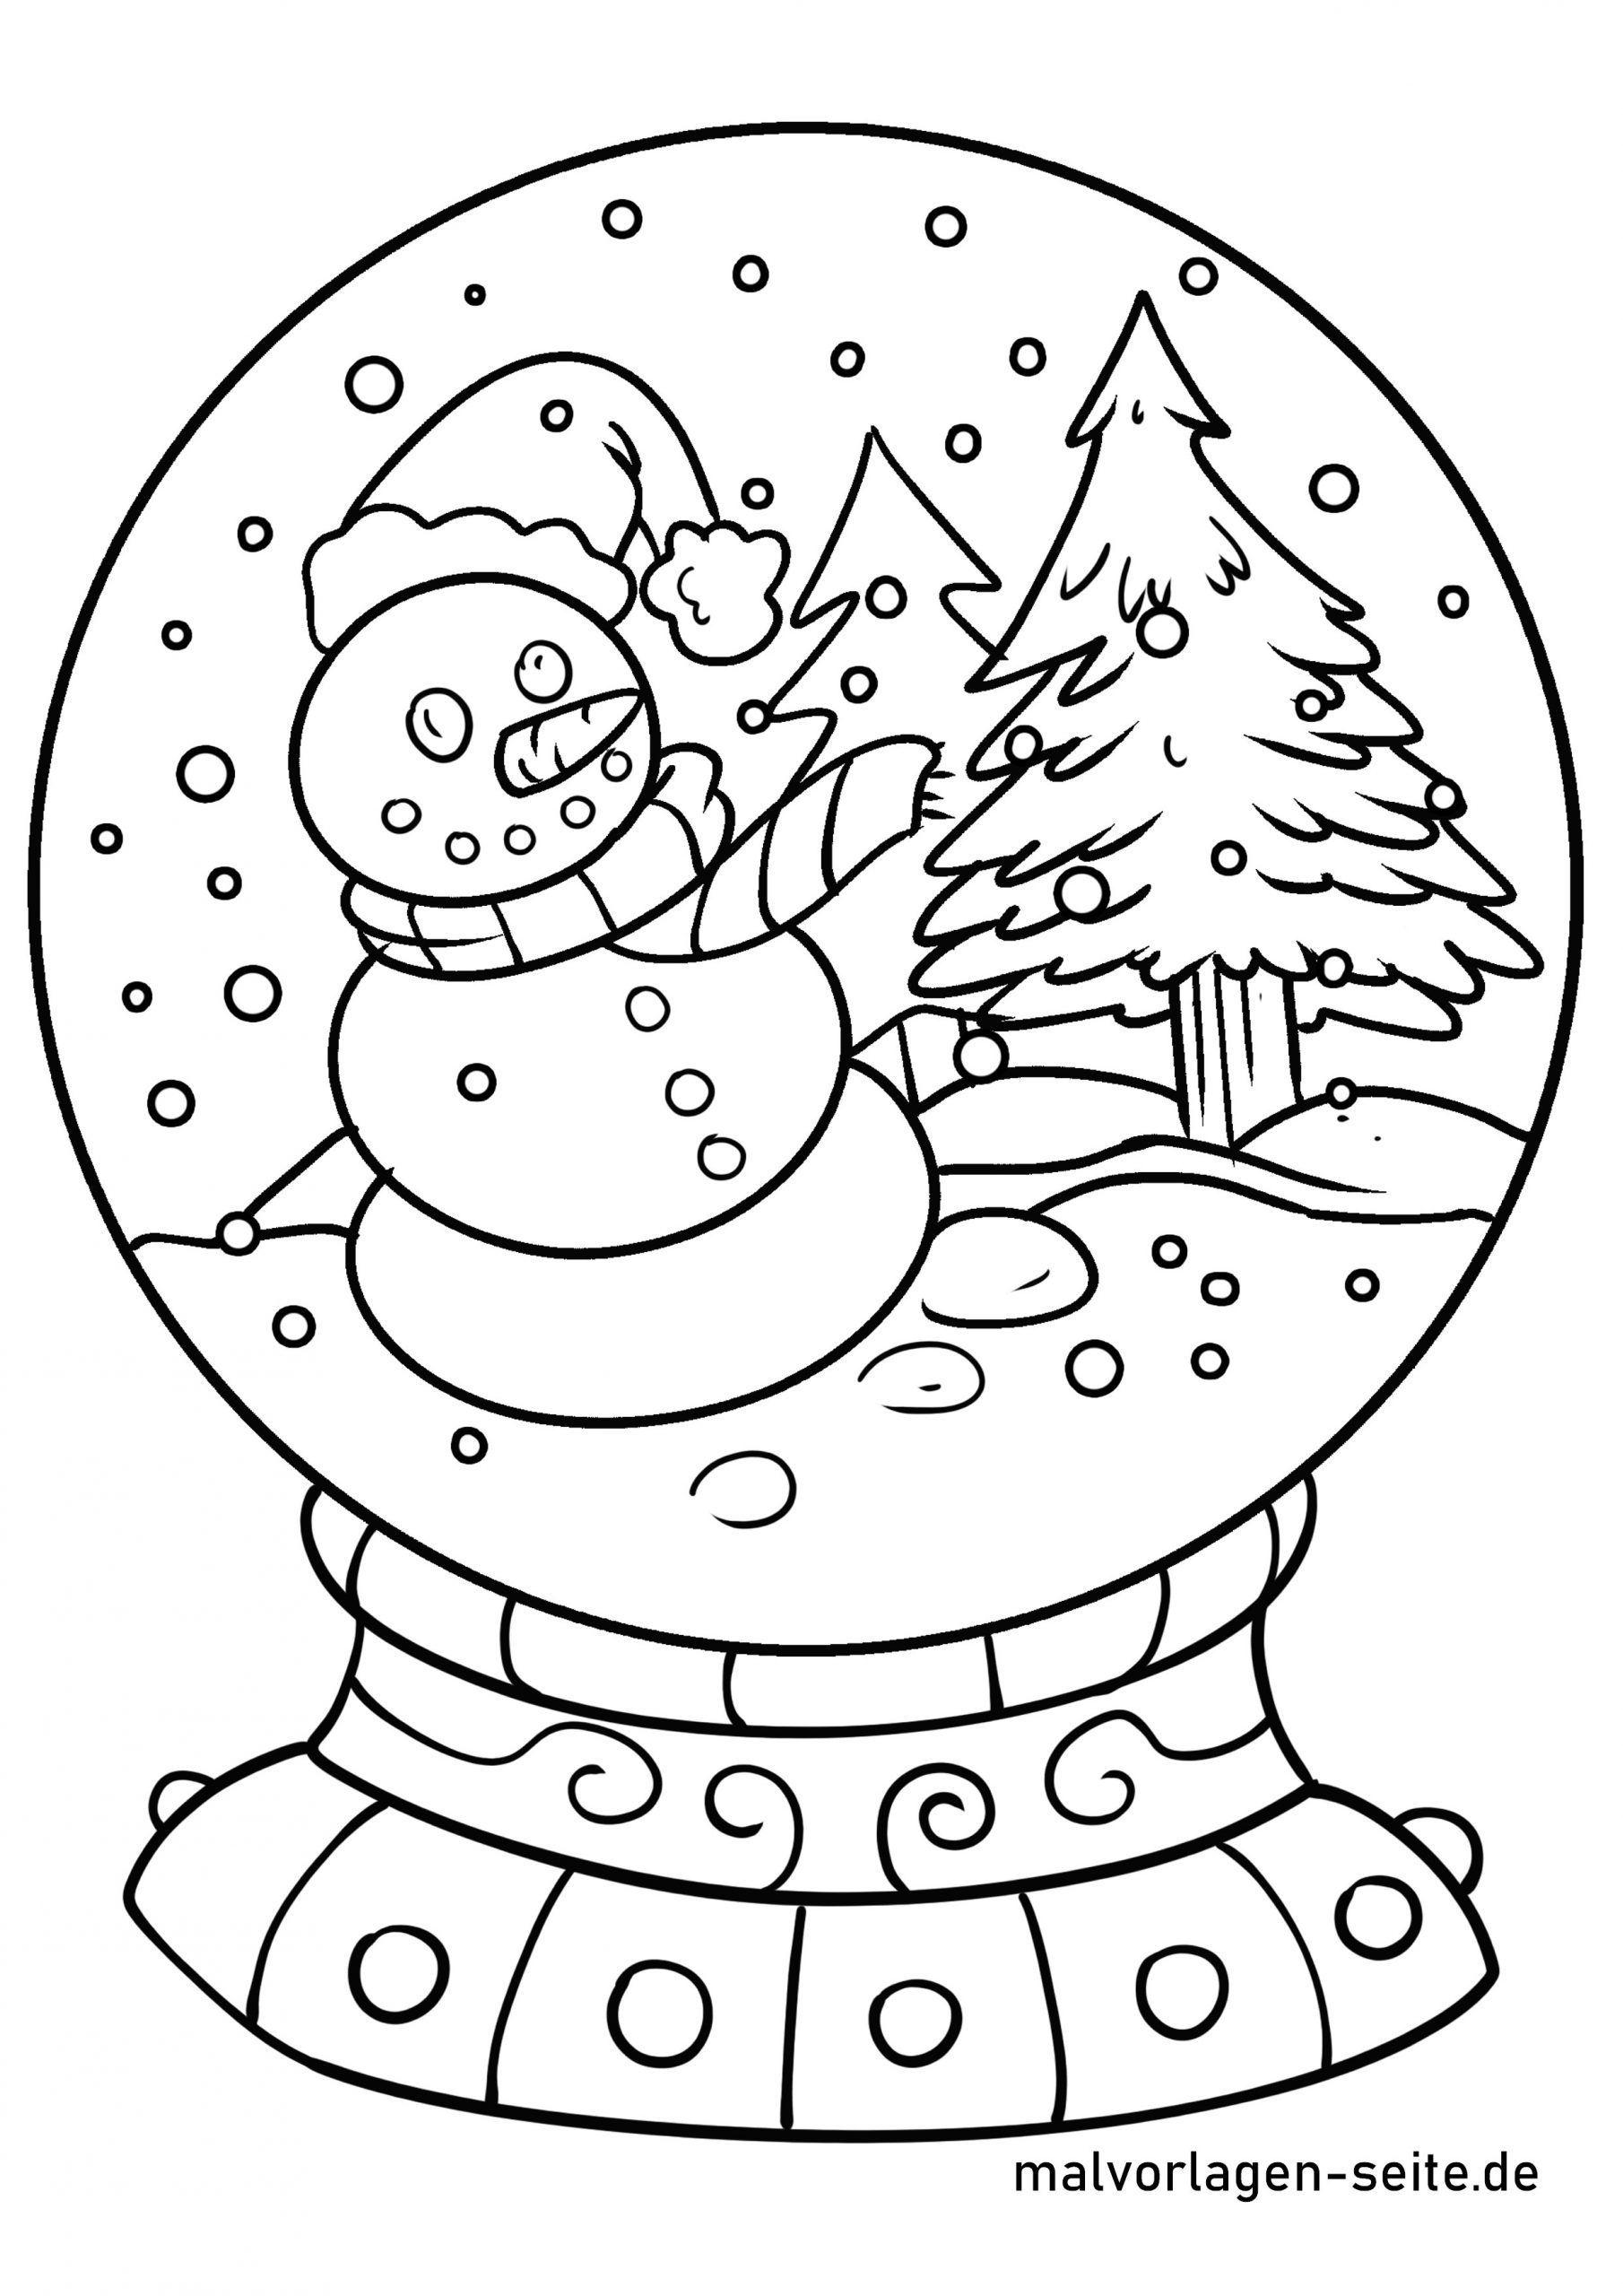 Malvorlagen Schneekugel Schneekugel Malvorlagen Vorlagen